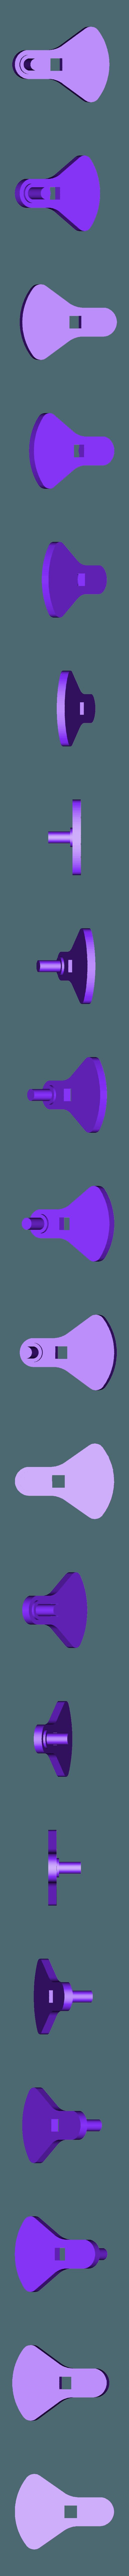 Rotor.stl Télécharger fichier STL gratuit Modèle de moteur radial à 7 cylindres • Design pour imprimante 3D, MinMunchKin